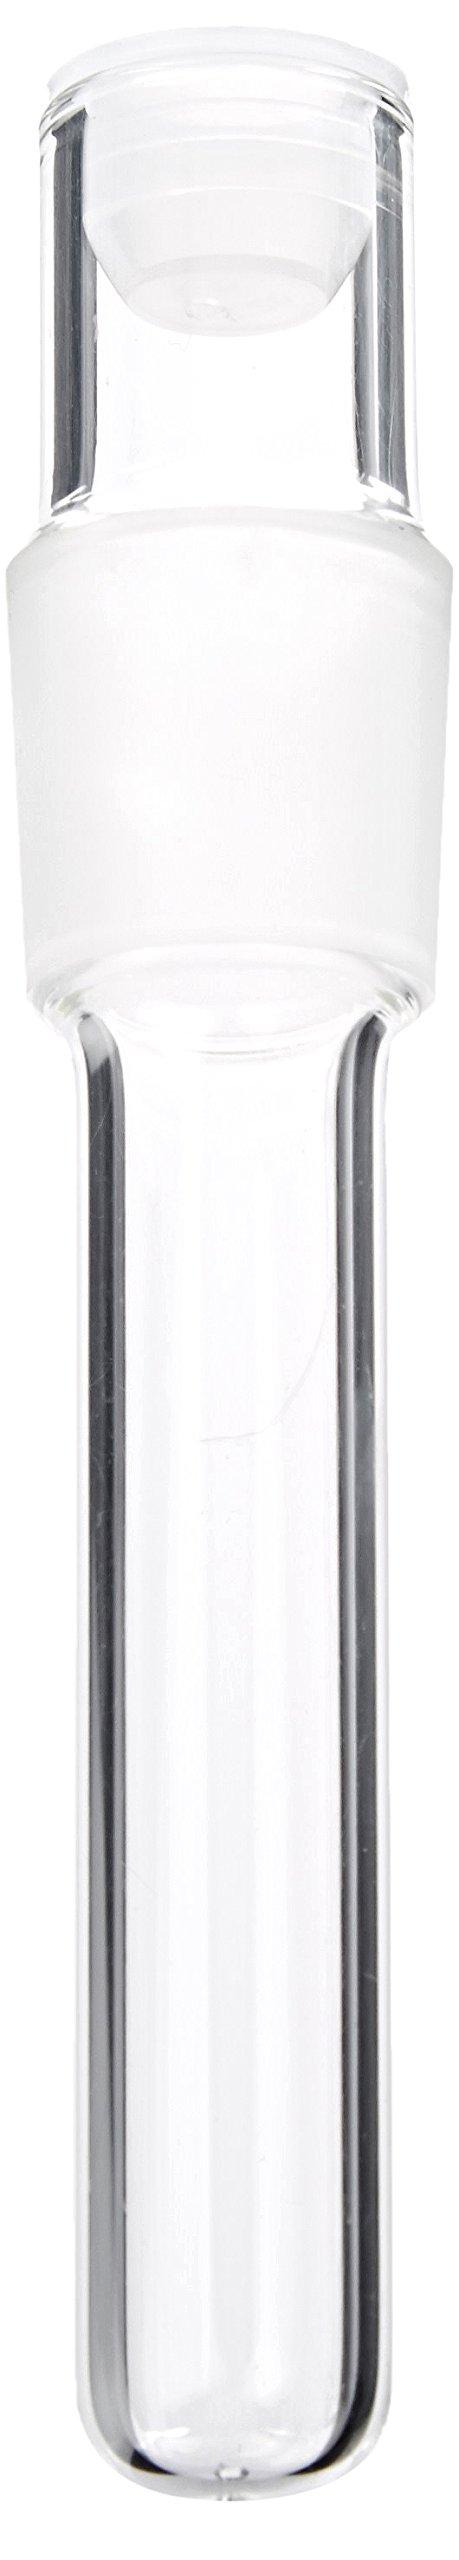 Mettler-Toledo 51108733 Glass Drying Tube, Straight